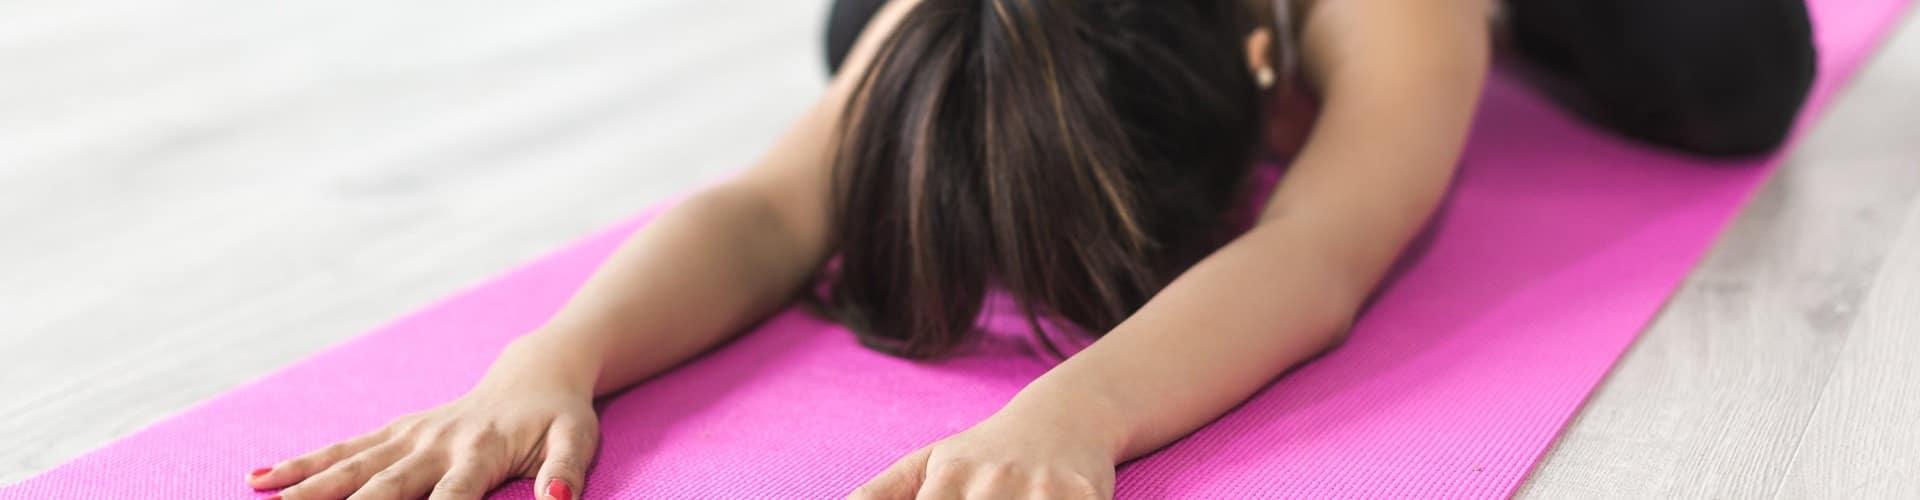 Få 10 gratis tips til valg af yogamåtte